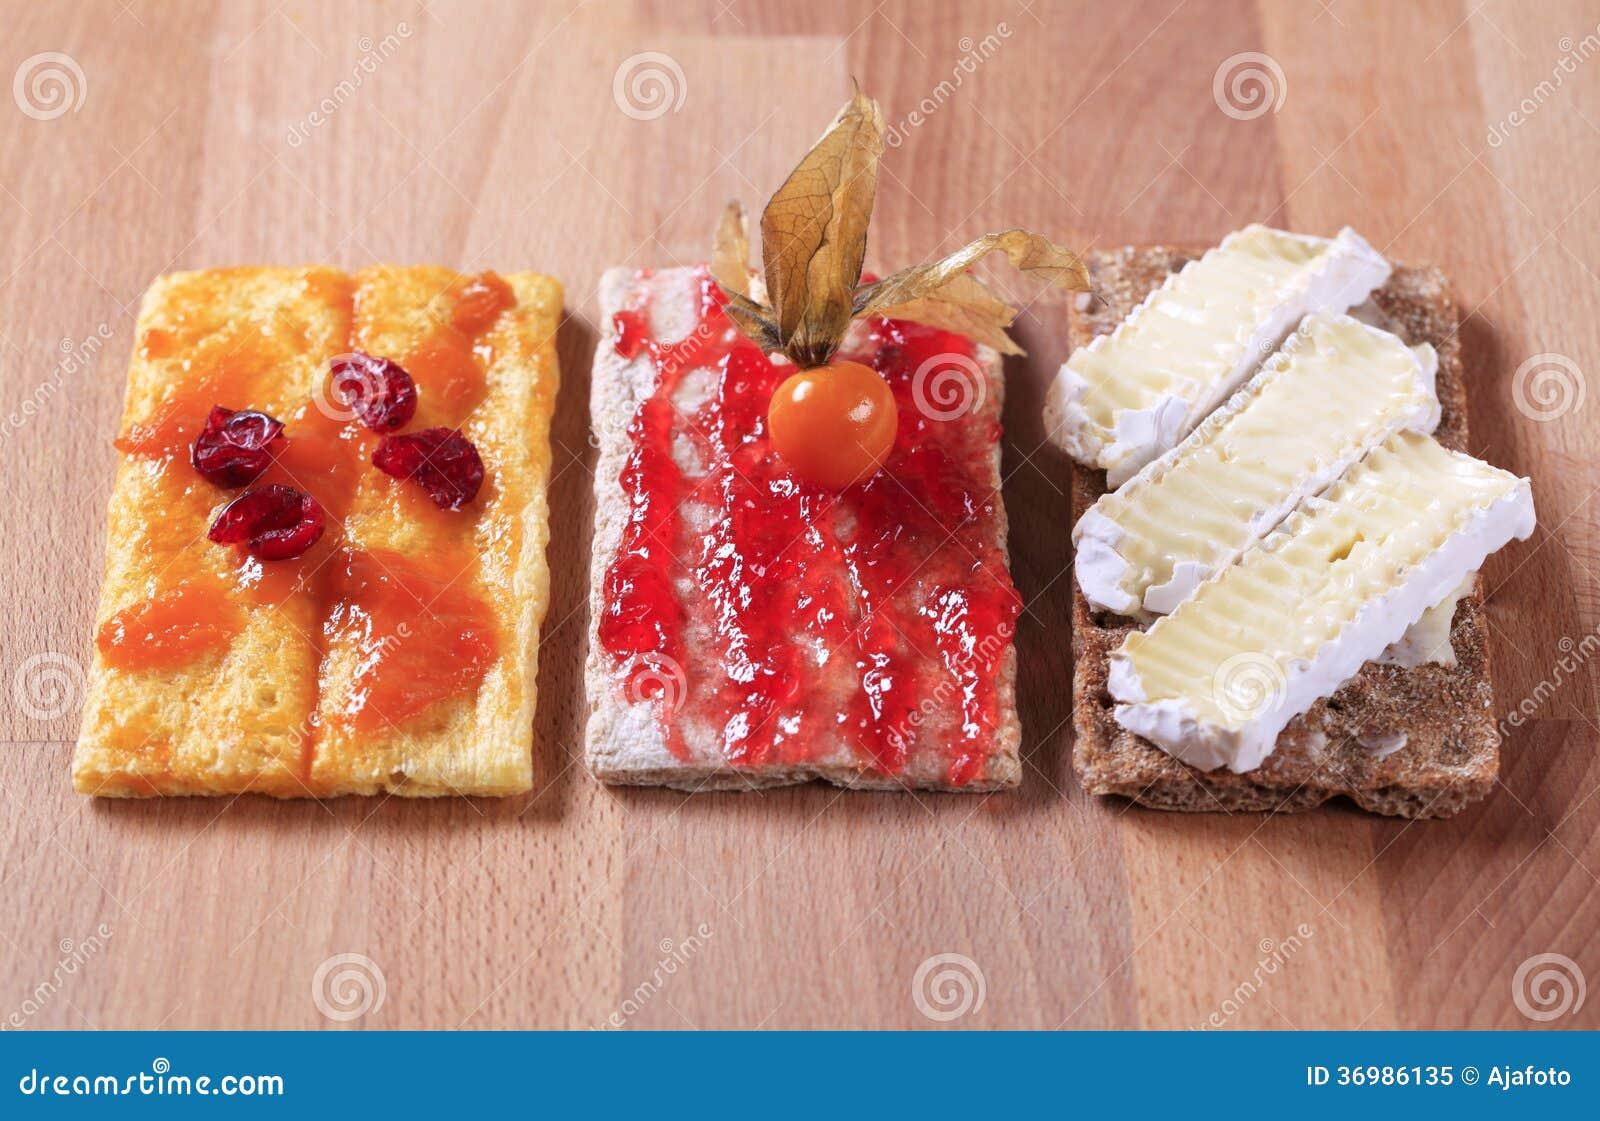 kalorier knäckebröd med smör och ost